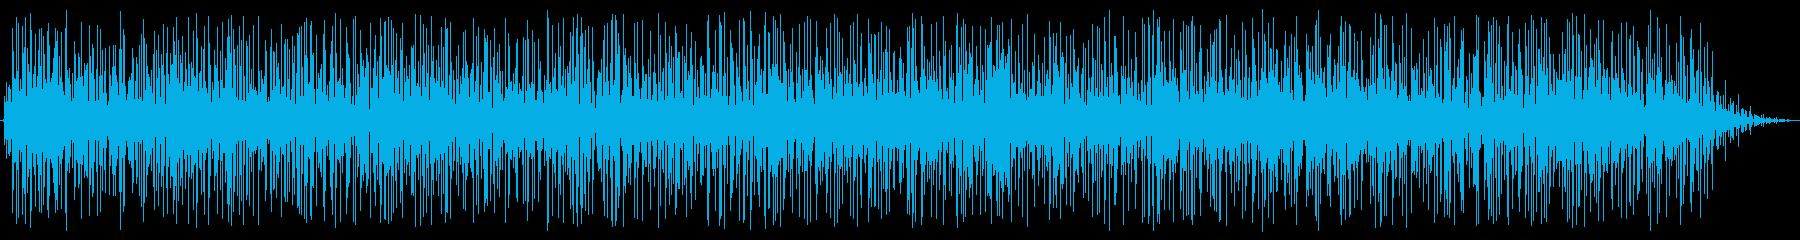 しっとりとした雨の音の再生済みの波形